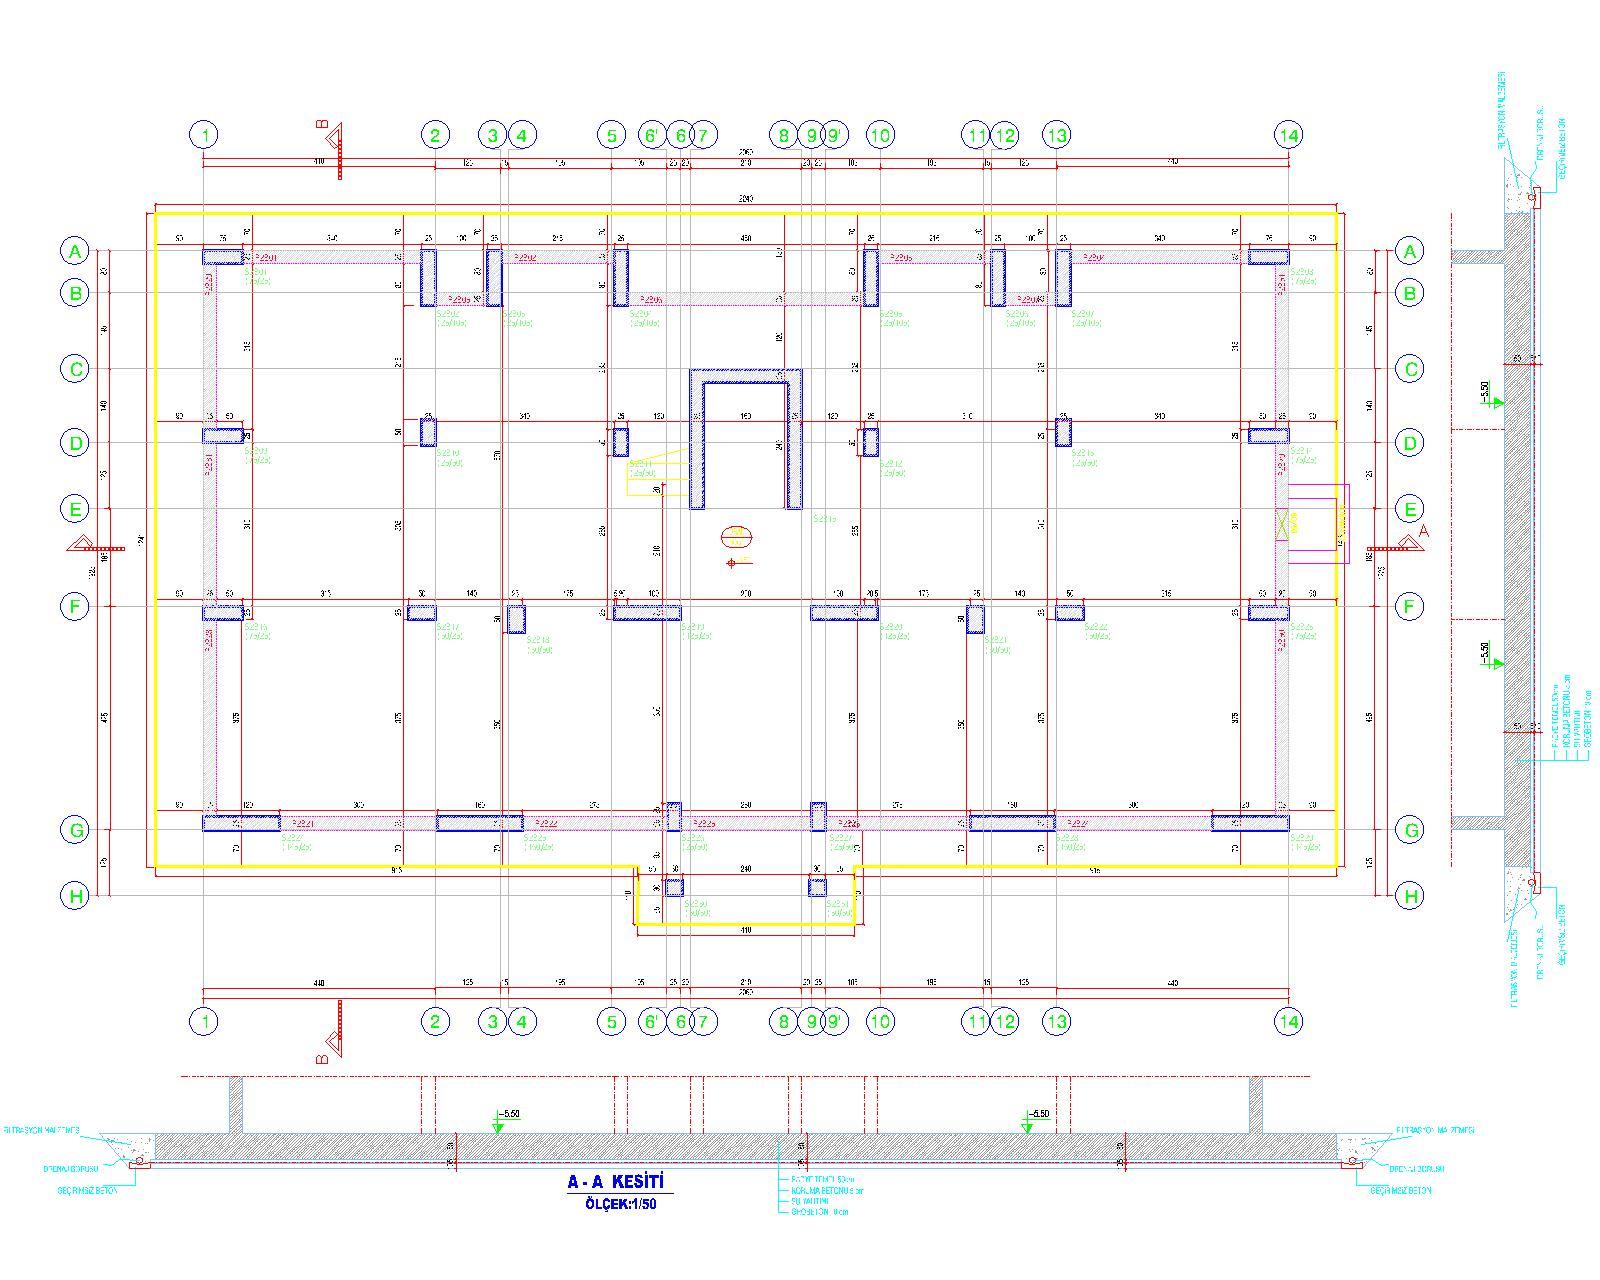 statik-proje-radye-temel-ornegi-oturum-ve-kesitler-kullan